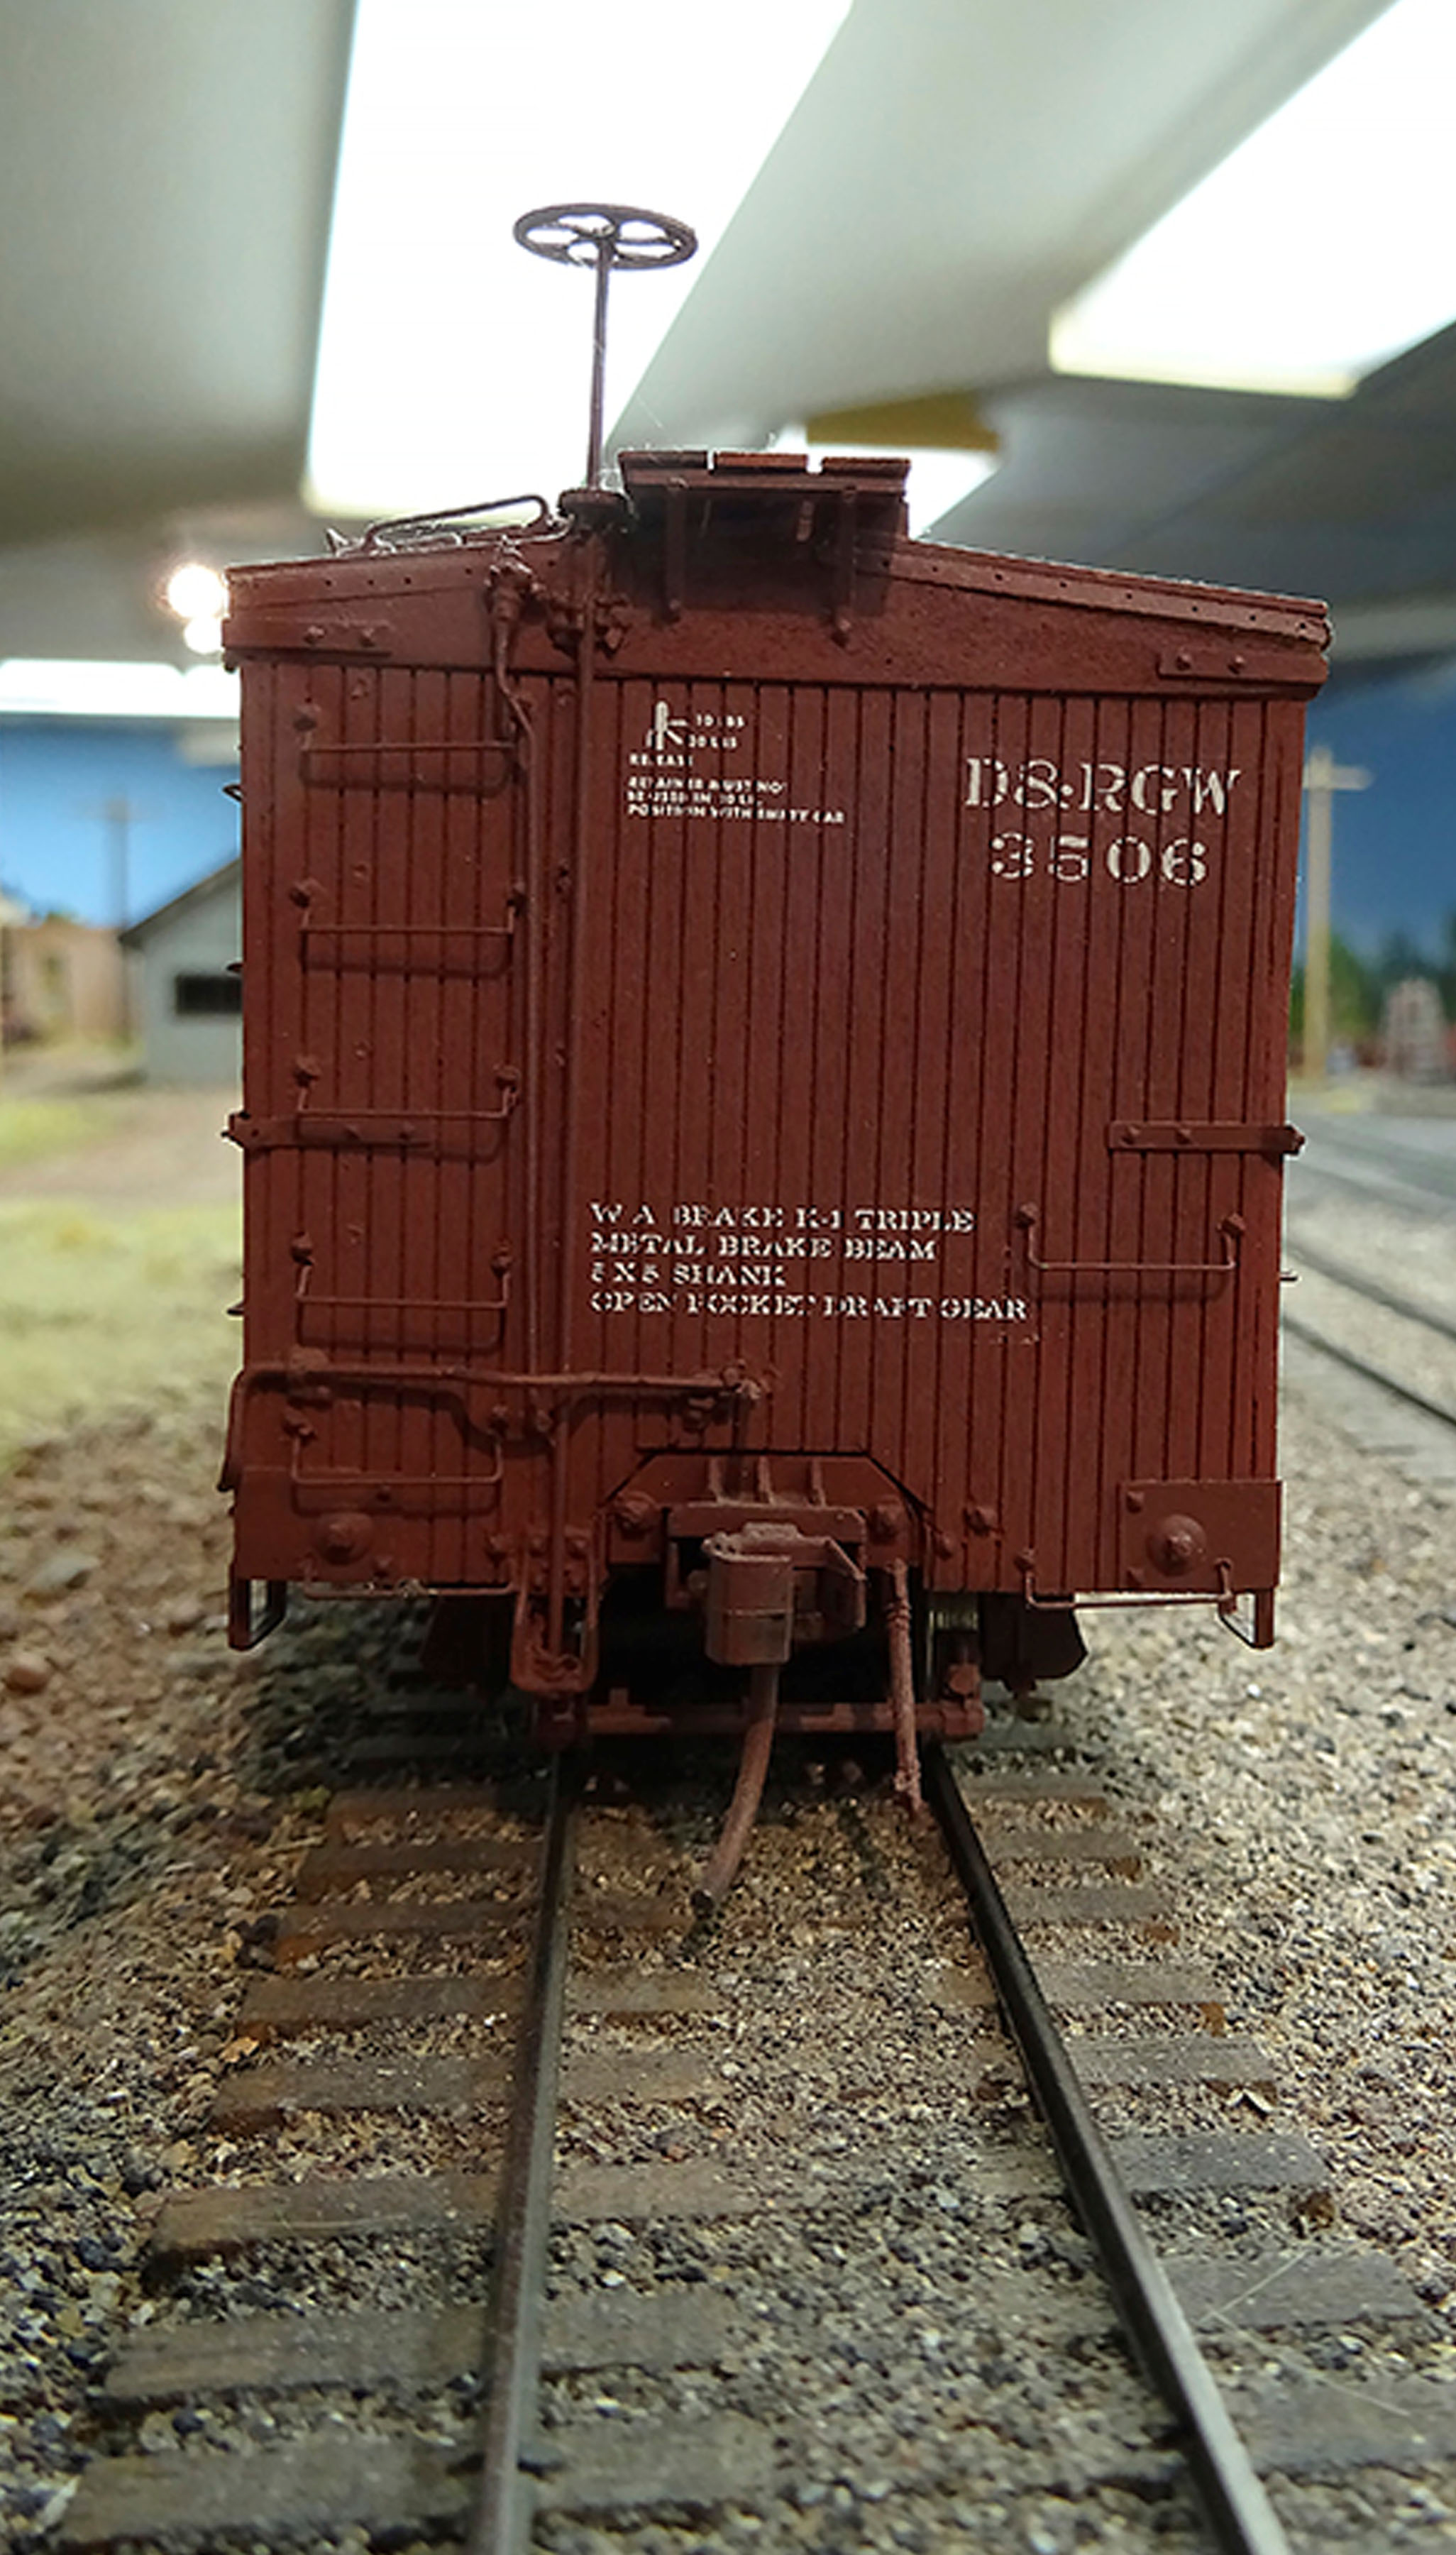 lex-drgw-boxcar-2.jpg